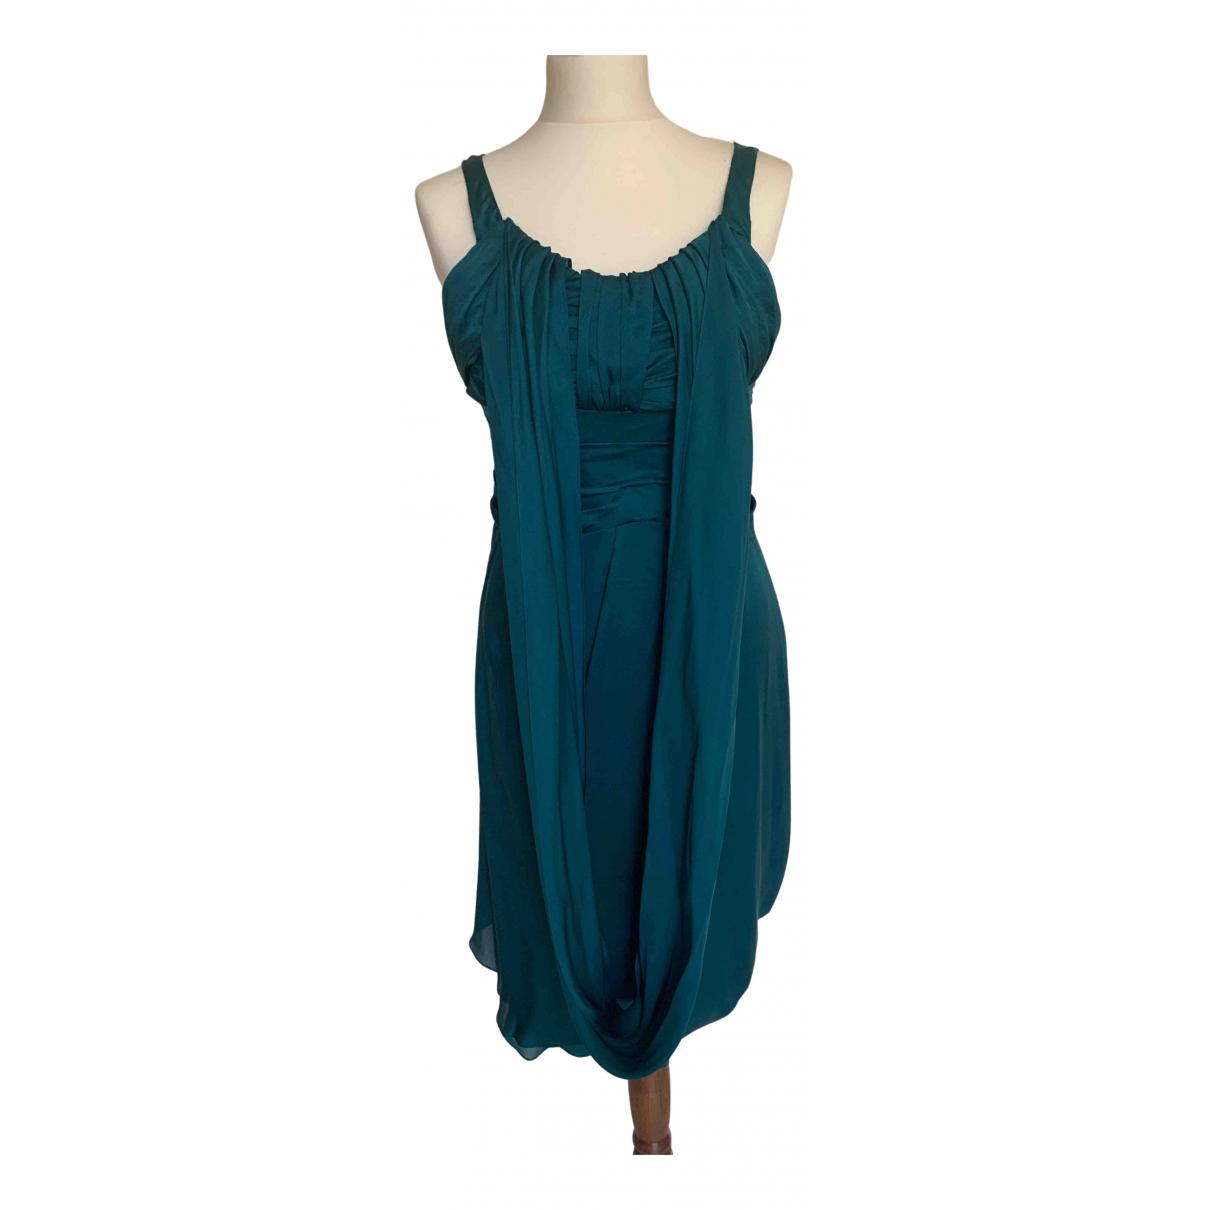 Celine \N Kleid in  Tuerkis Seide